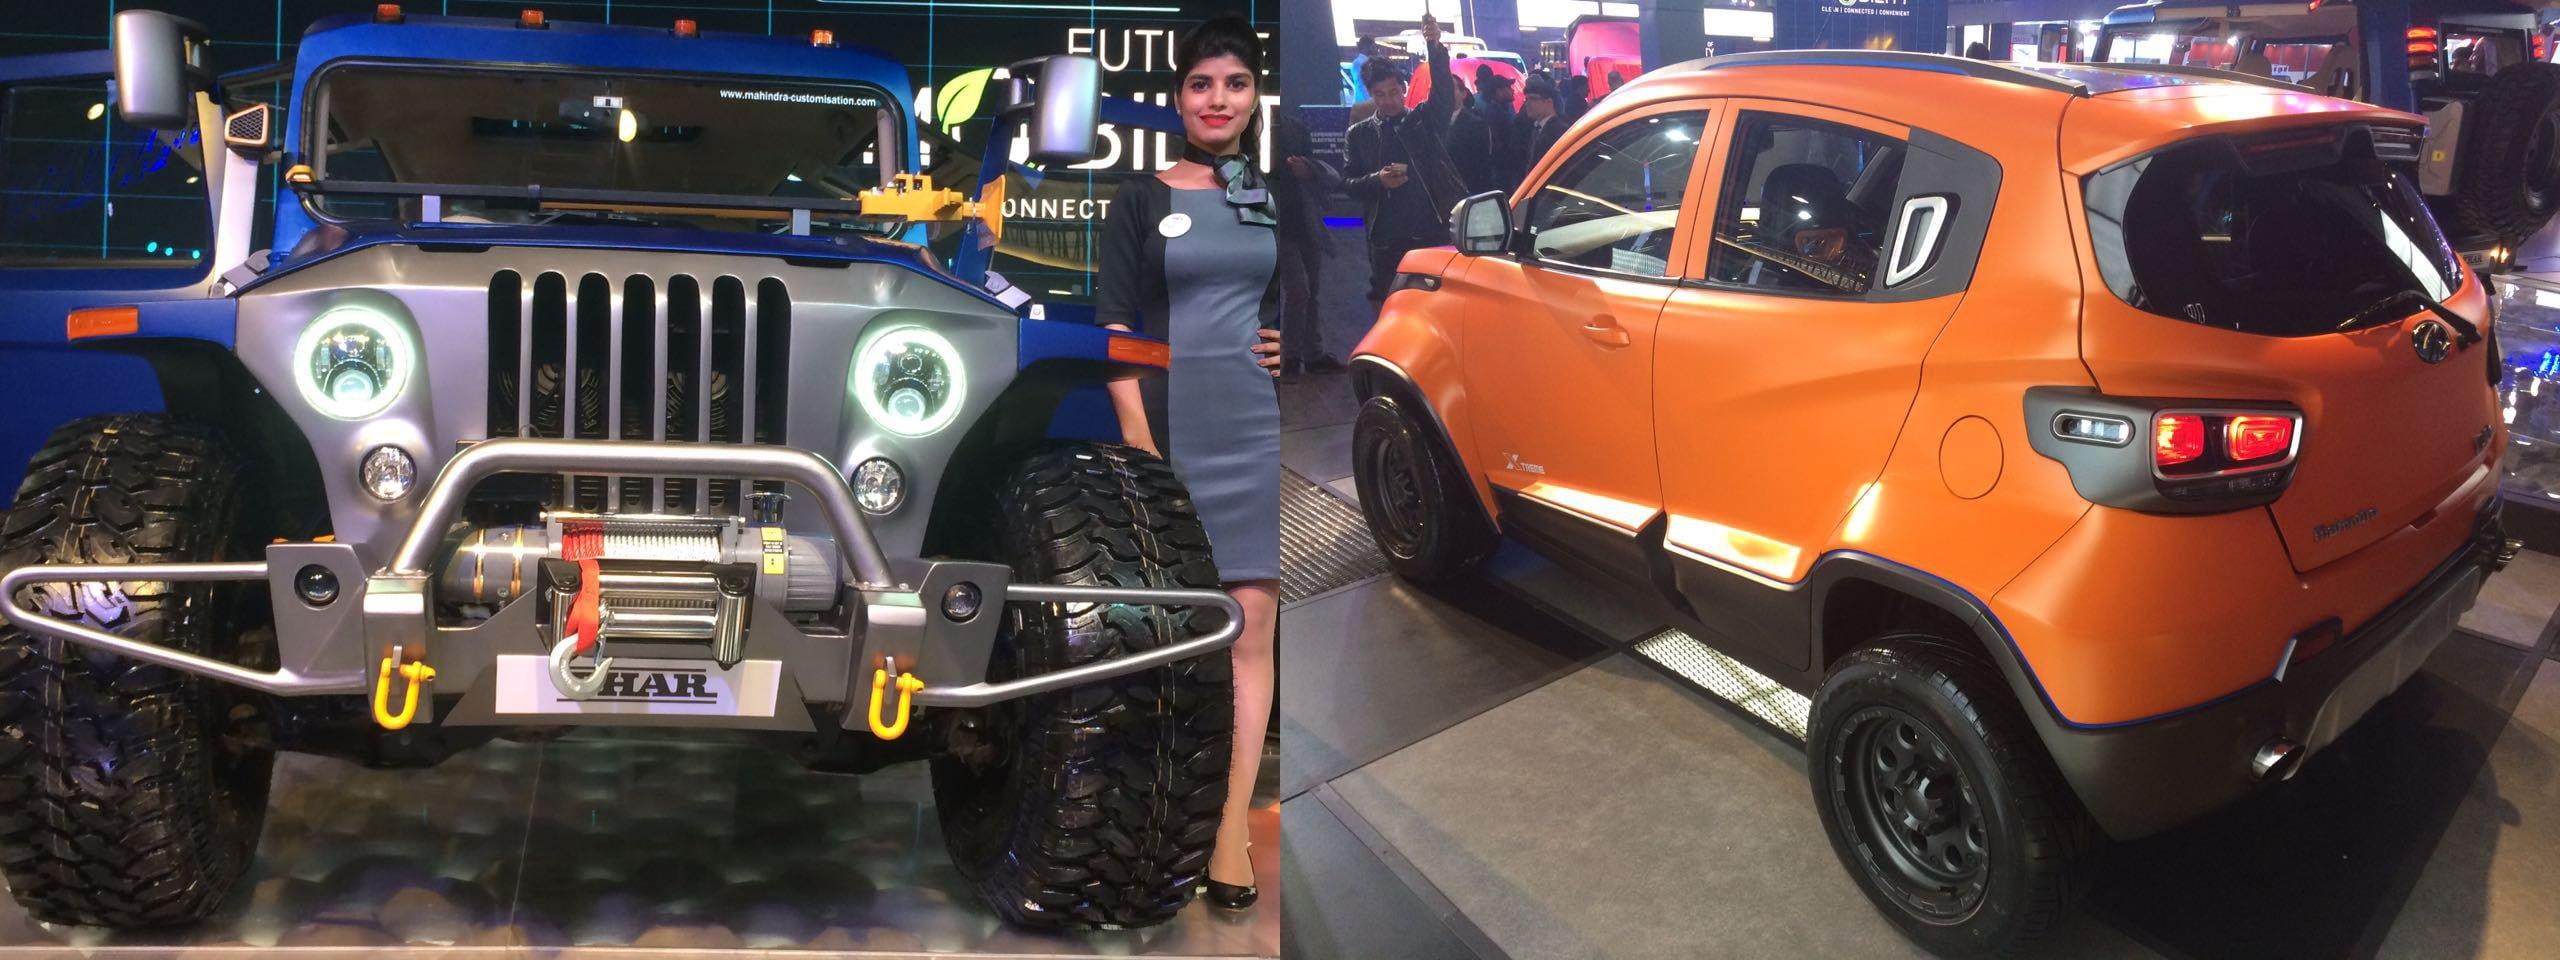 Mahindra Thar Wanderlust And Kuv Xtreme Debut At Auto Expo